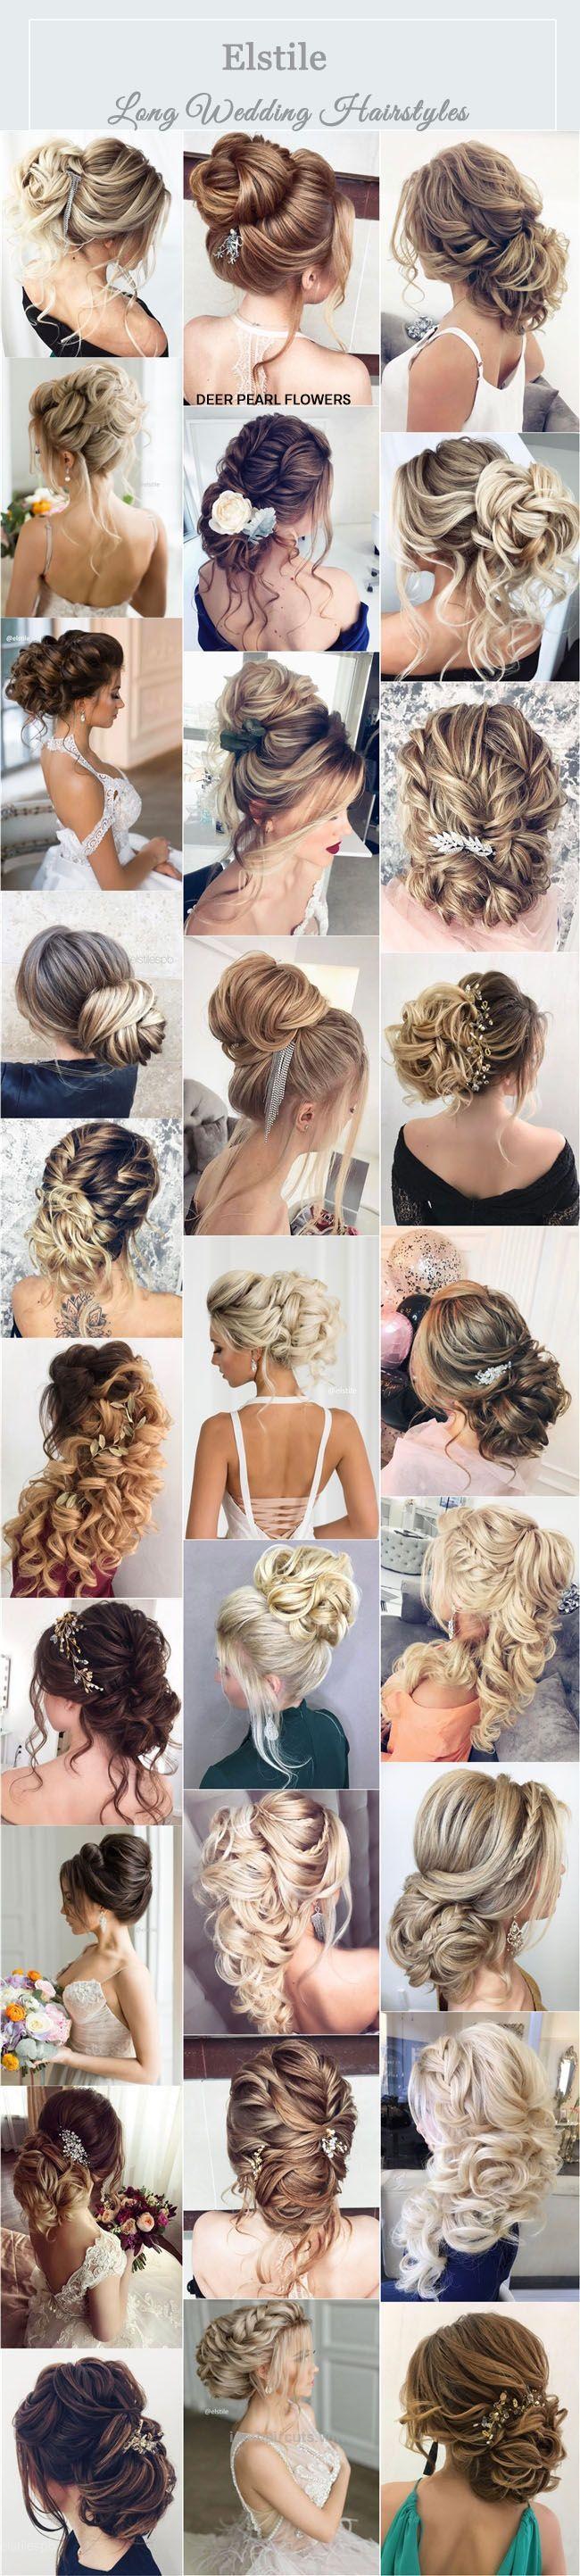 Splendid Elstile Wedding Hairstyles & Updos for Long Hair / www.deerpearlflow…  The post  Elstile Wedding Hairstyles & Updos for Long Hair / www.deerpearlflow……  appeared first on  Ise ..